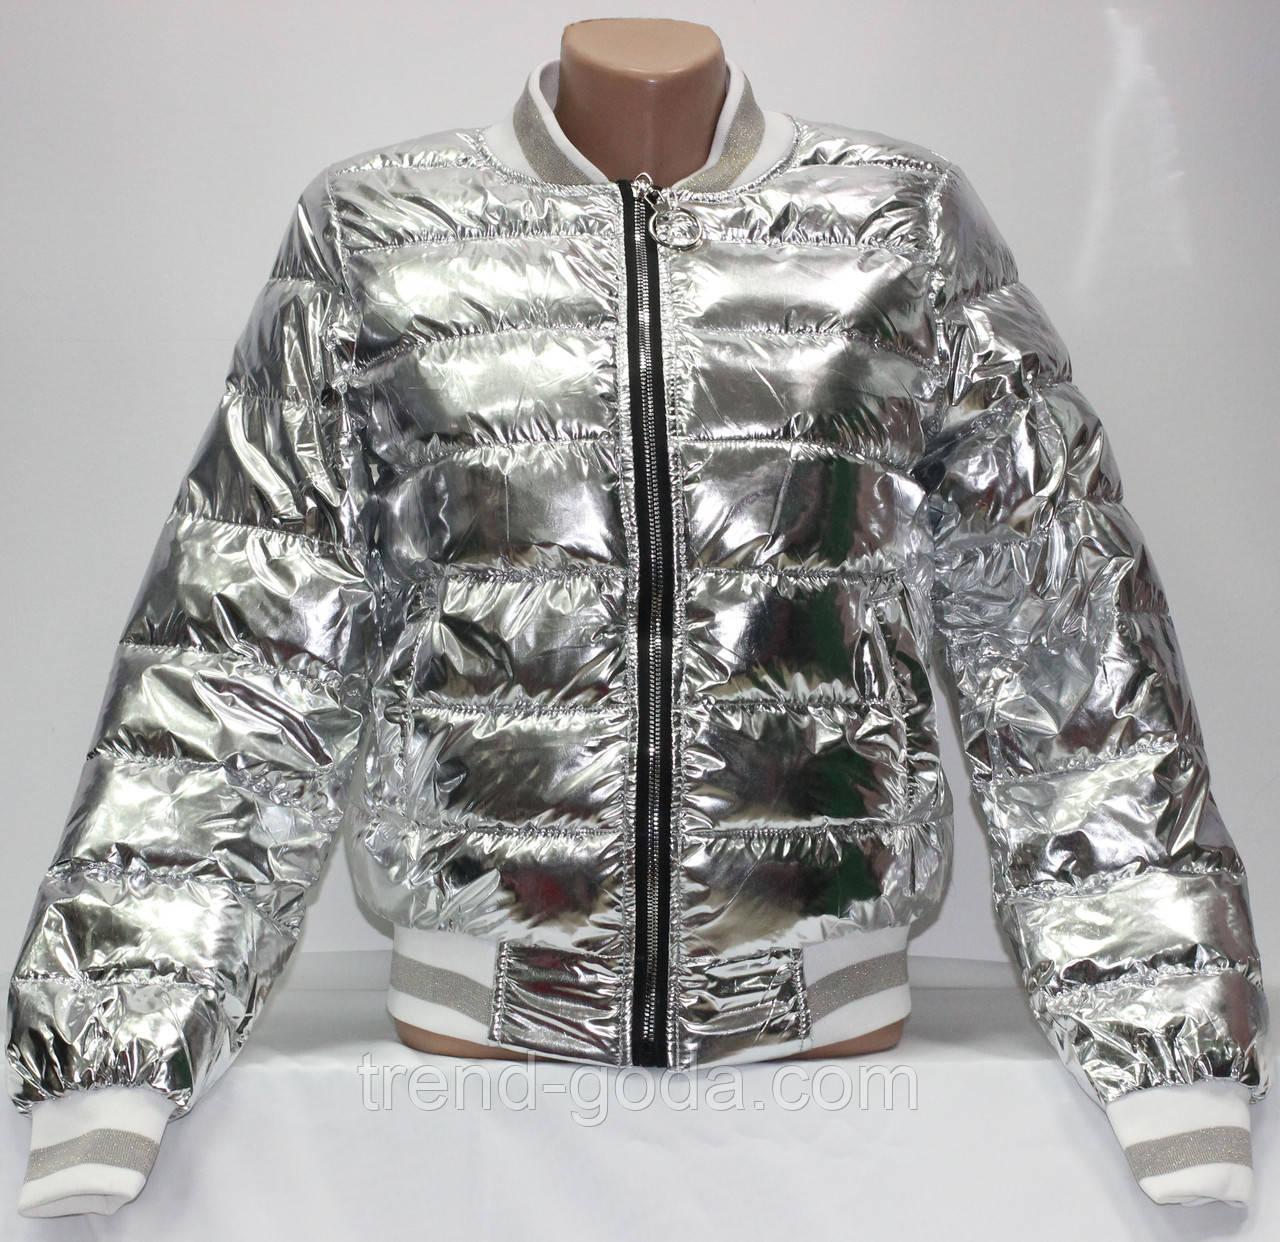 3f05f8a435fc Куртка демисезонная женская, серебристая, утеплитель синтепон ...